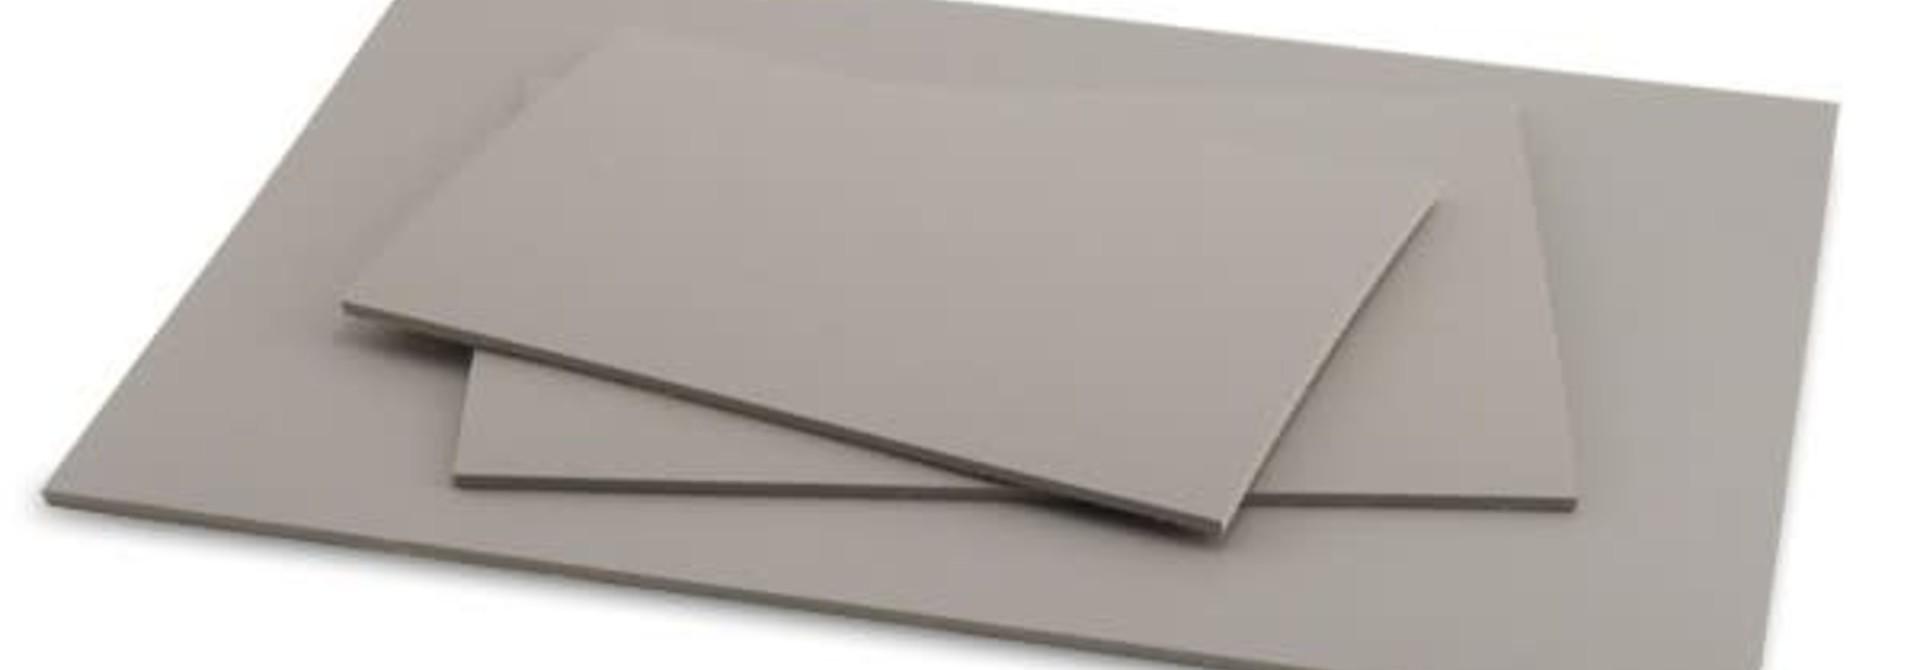 Linoleum Relief Plate per square inch